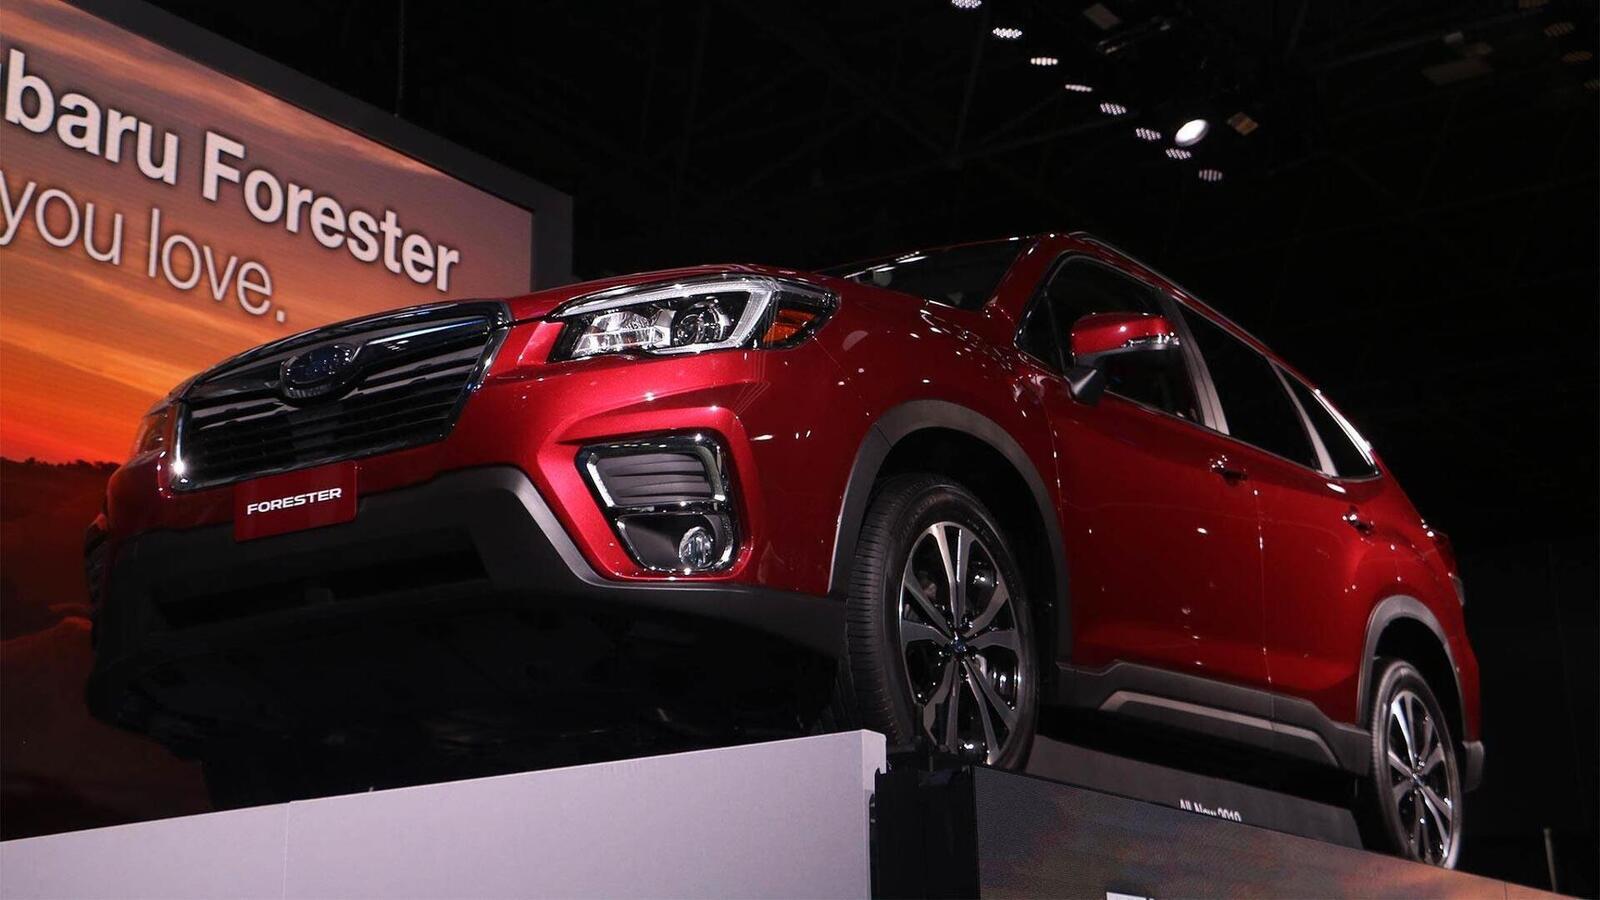 Subaru Forester 2019: Thay đổi nội ngoại thất, động cơ mạnh hơn, thêm nhiều phiên bản - Hình 19